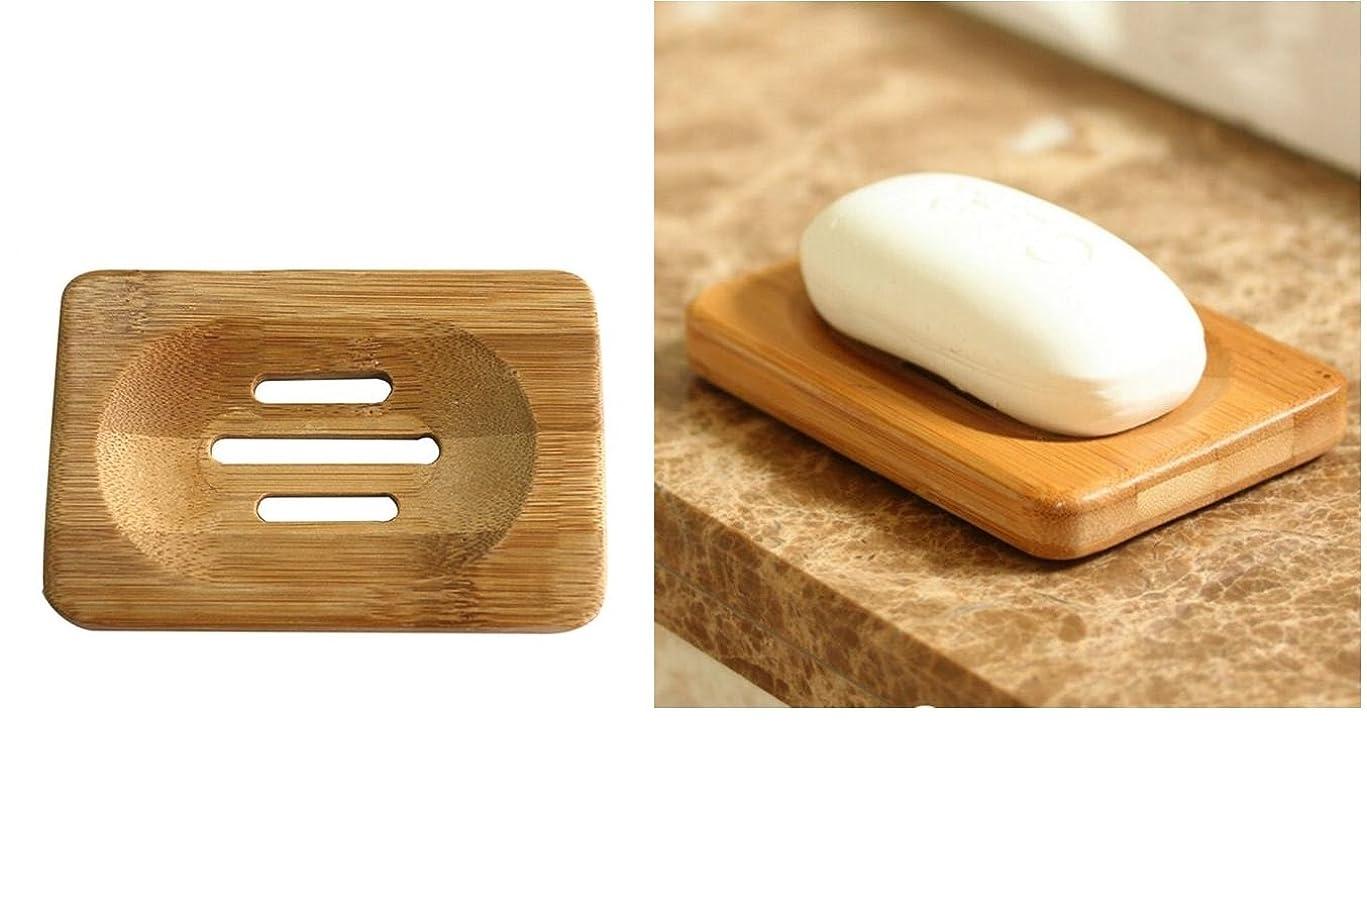 最初計り知れないエンジンC世界1?Soap Dish Soap Dish木製トレイドレン浴室木製ソープケースホルダー長方形スポンジScrubberトレイシンクデッキ浴槽シャワーDish安い竹ソープディッシュナチュラル